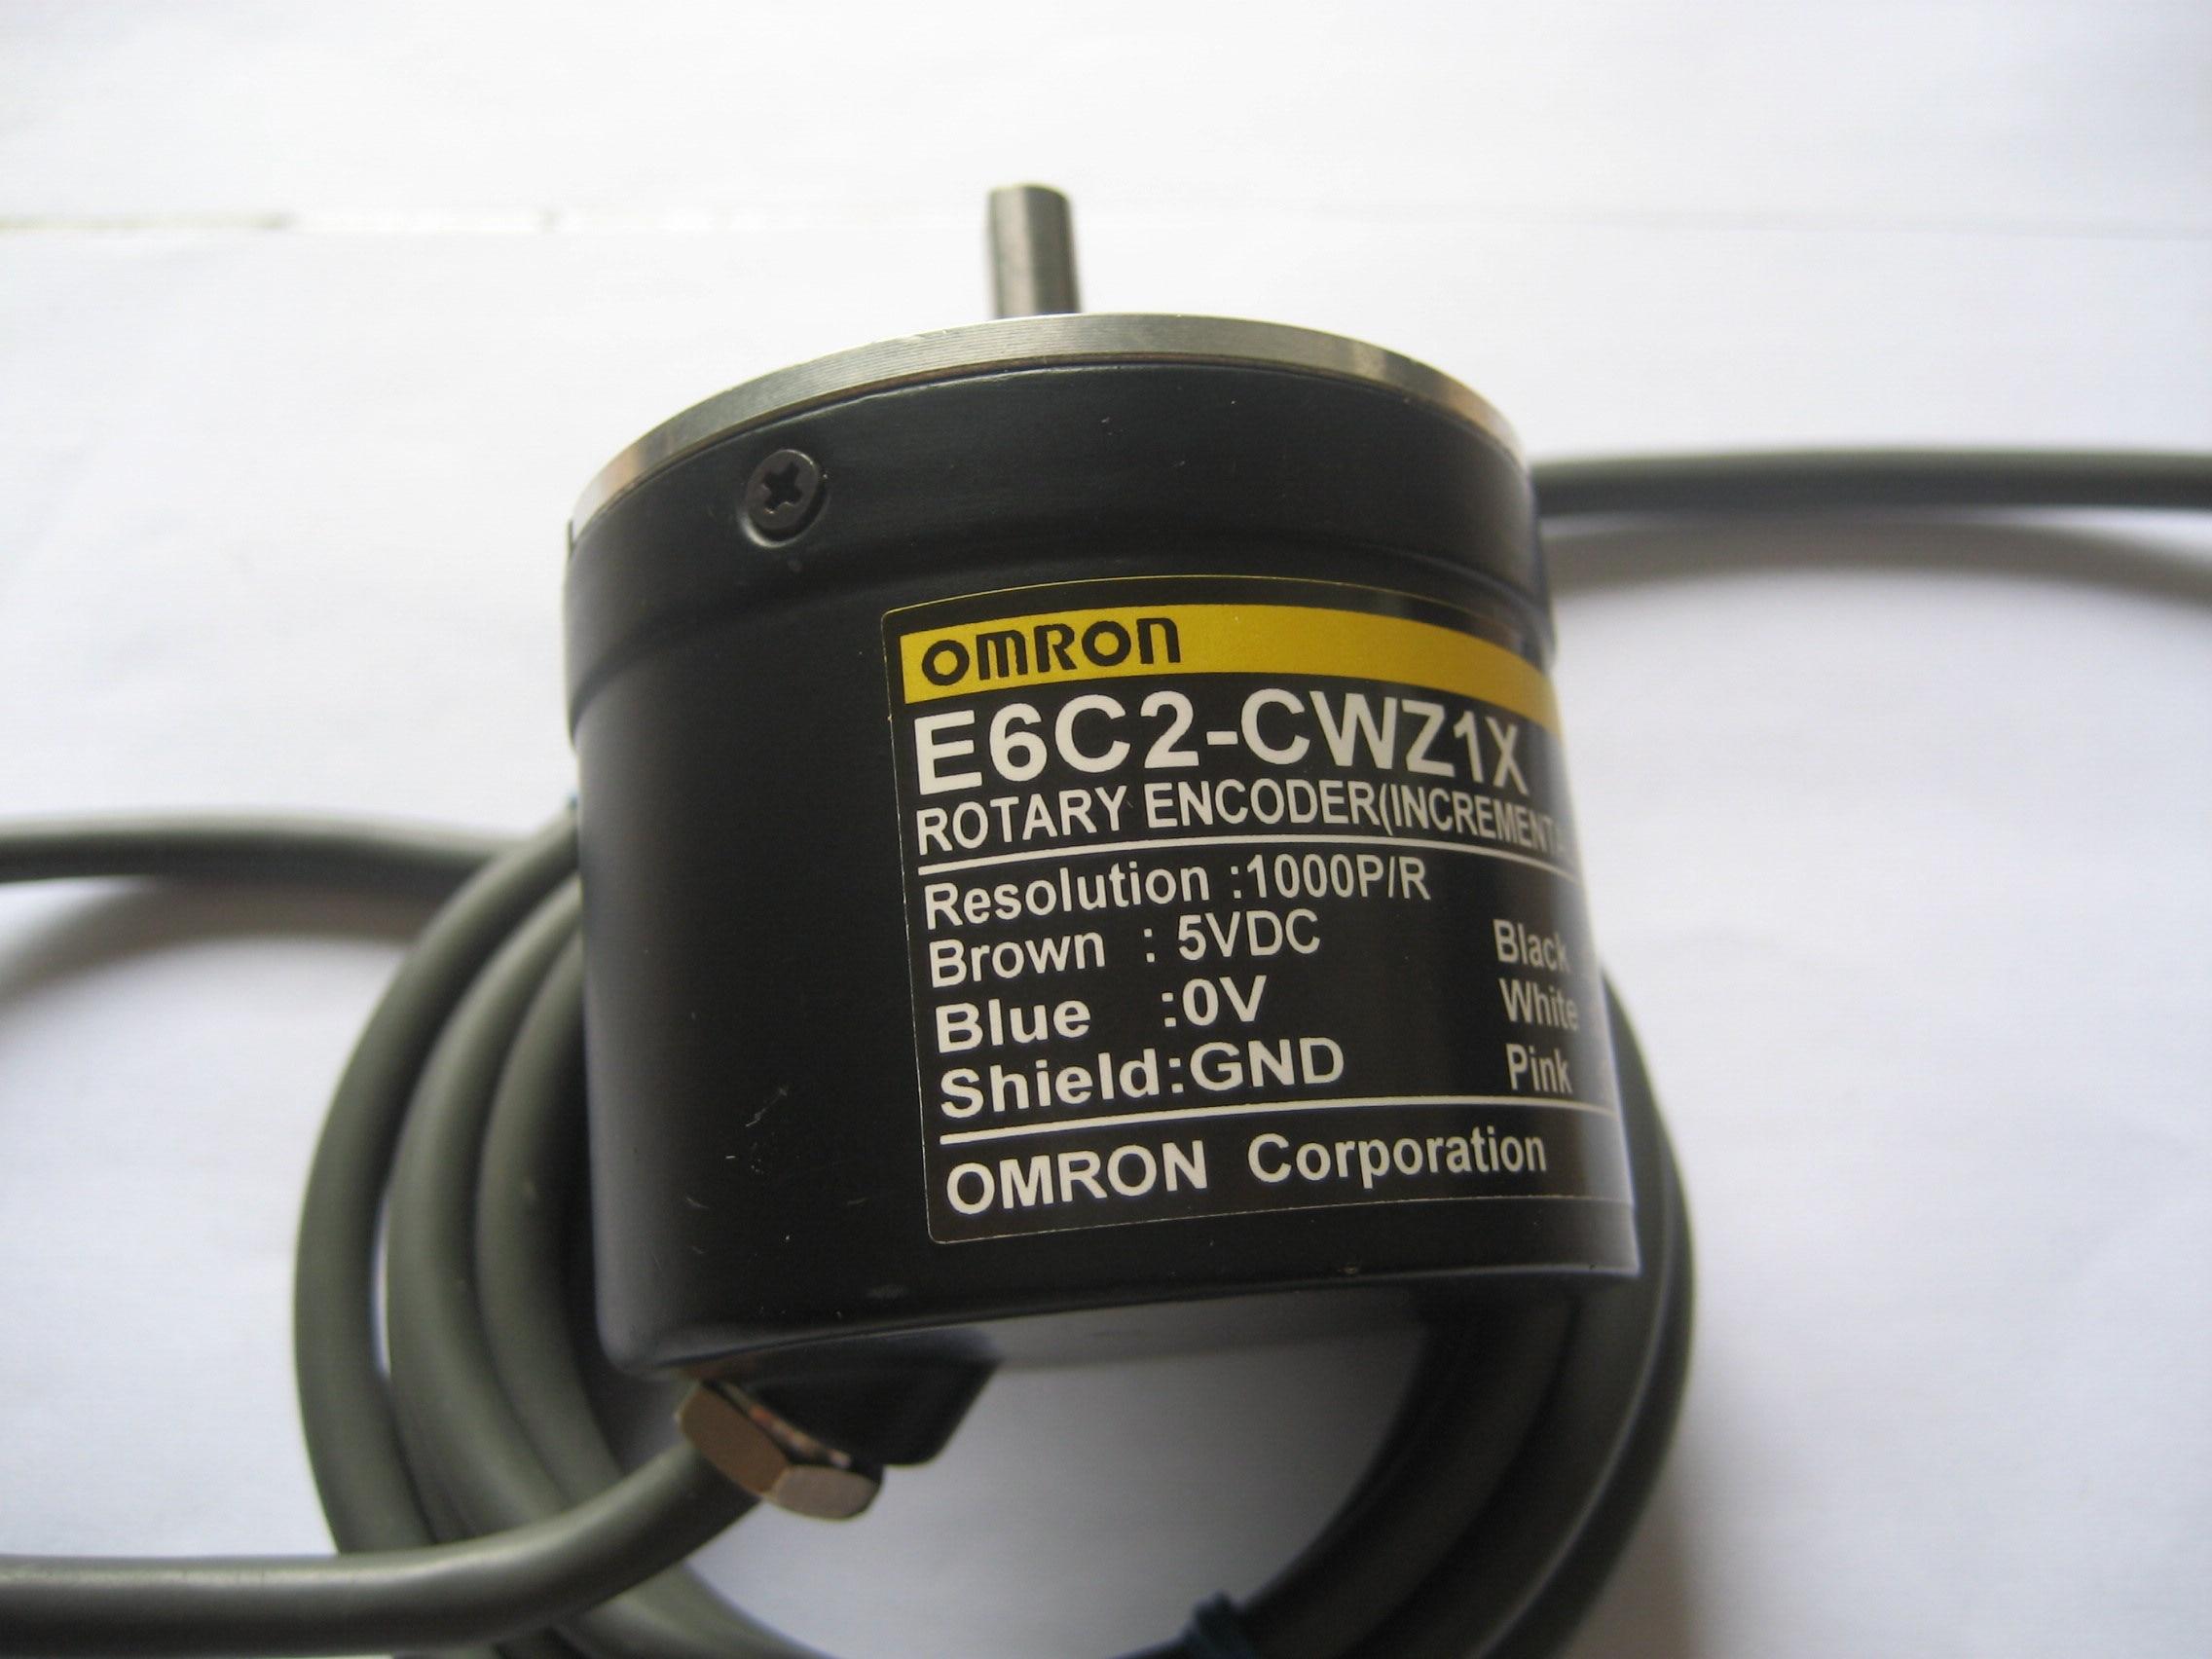 Livraison gratuite Servo moteur encodeur e6c2-cwz1x 1500 P/R